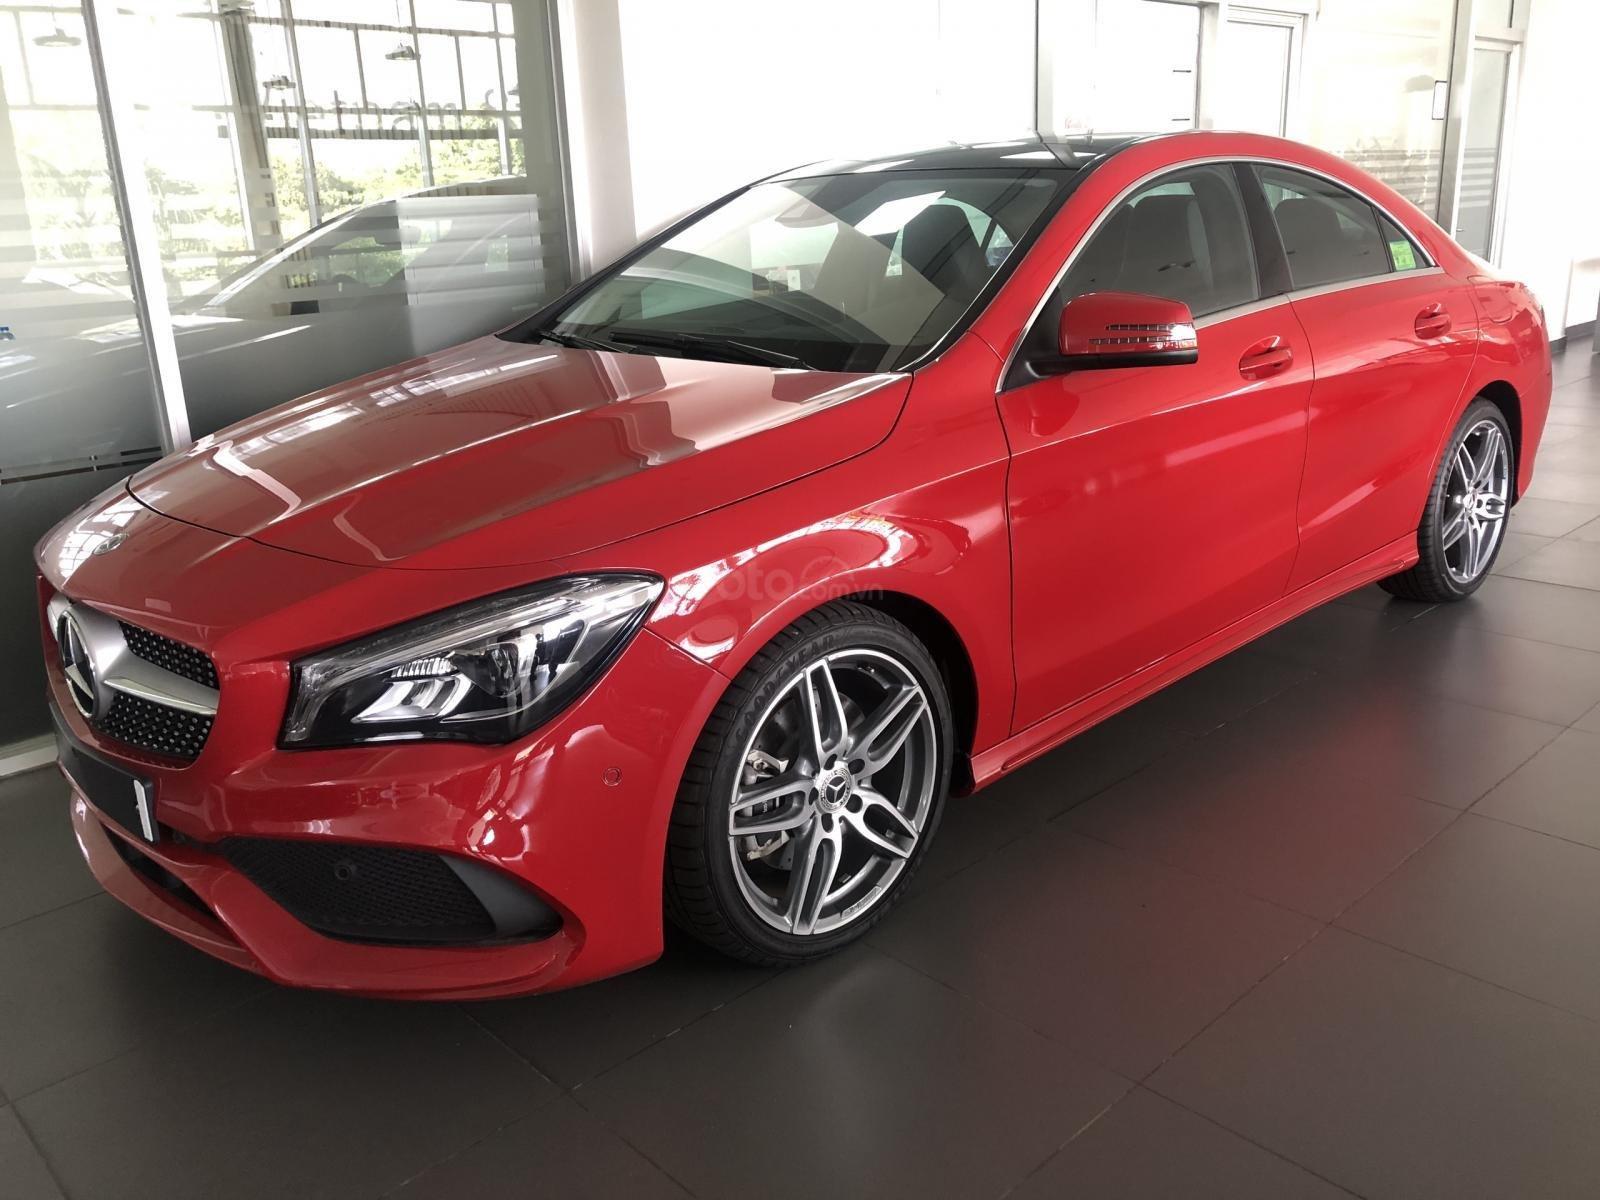 Bán xe Mercedes CLA 250 mới, màu đỏ, xe nhập khẩu, vay trả góp 80% giá trị xe, lãi 0.77%/tháng cố định 36 tháng (5)